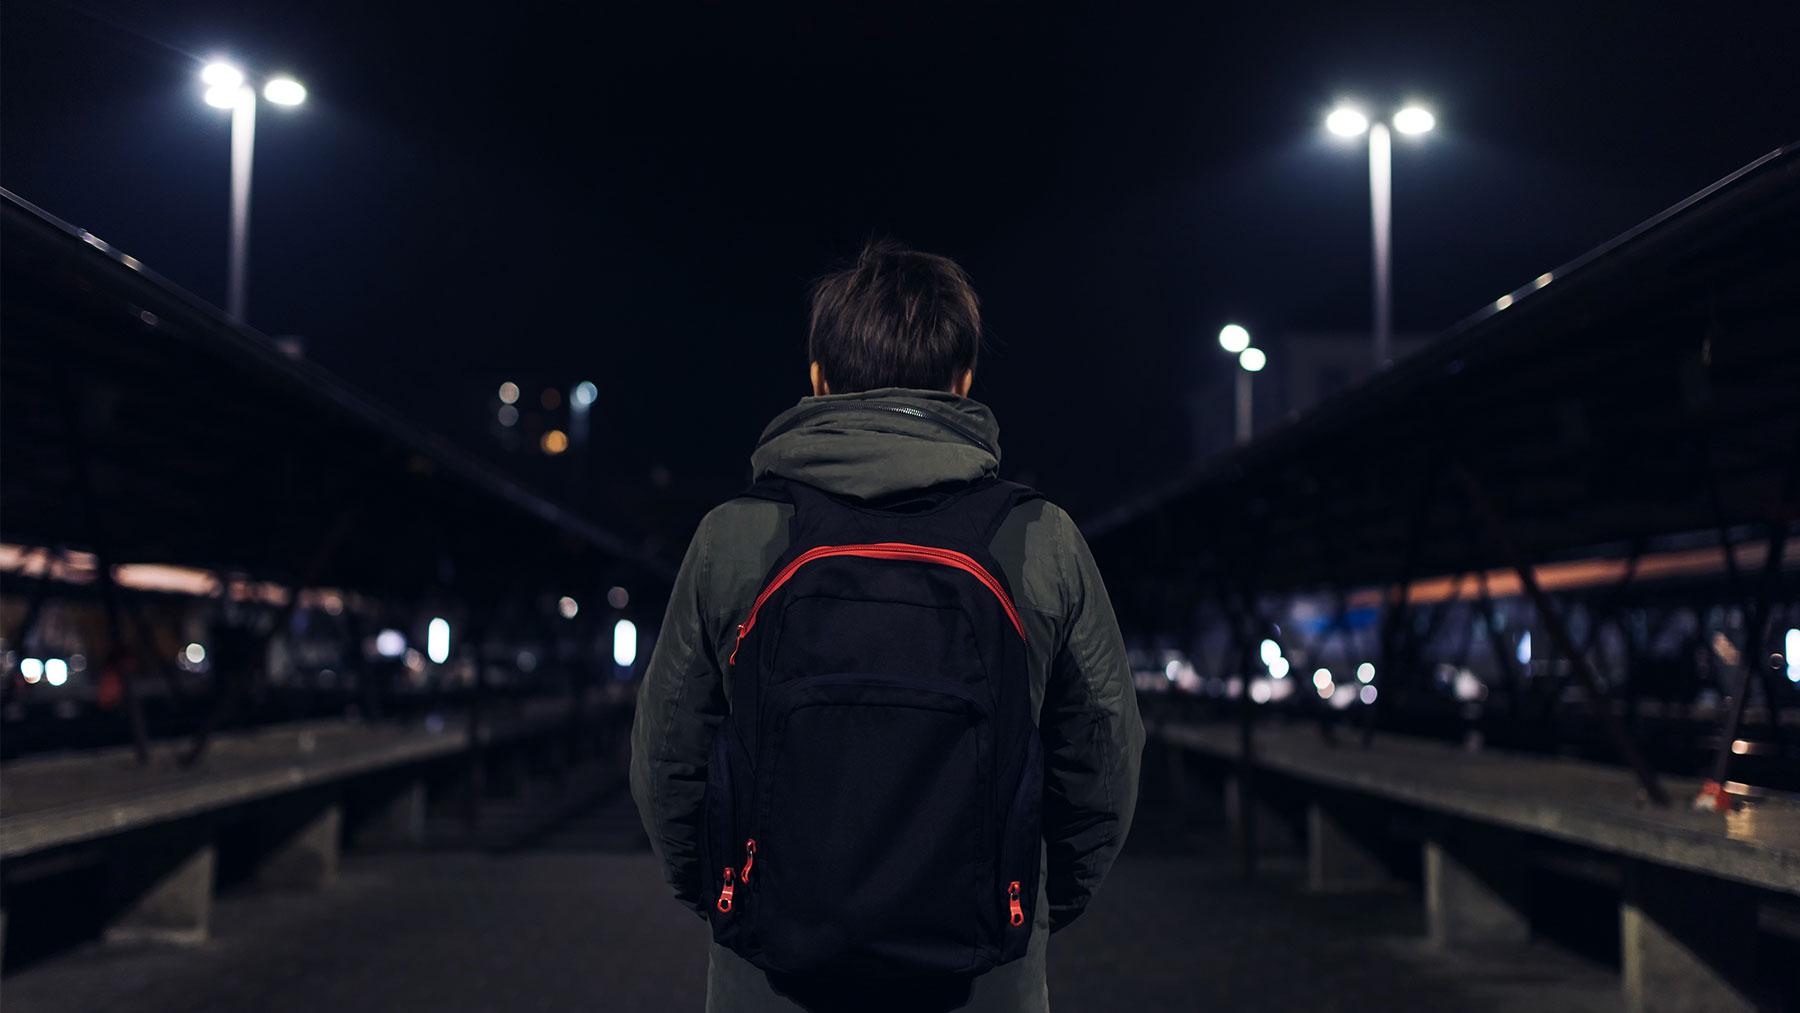 Jongen staat 's nachts met rugzak in een verlaten fietsenstalling.